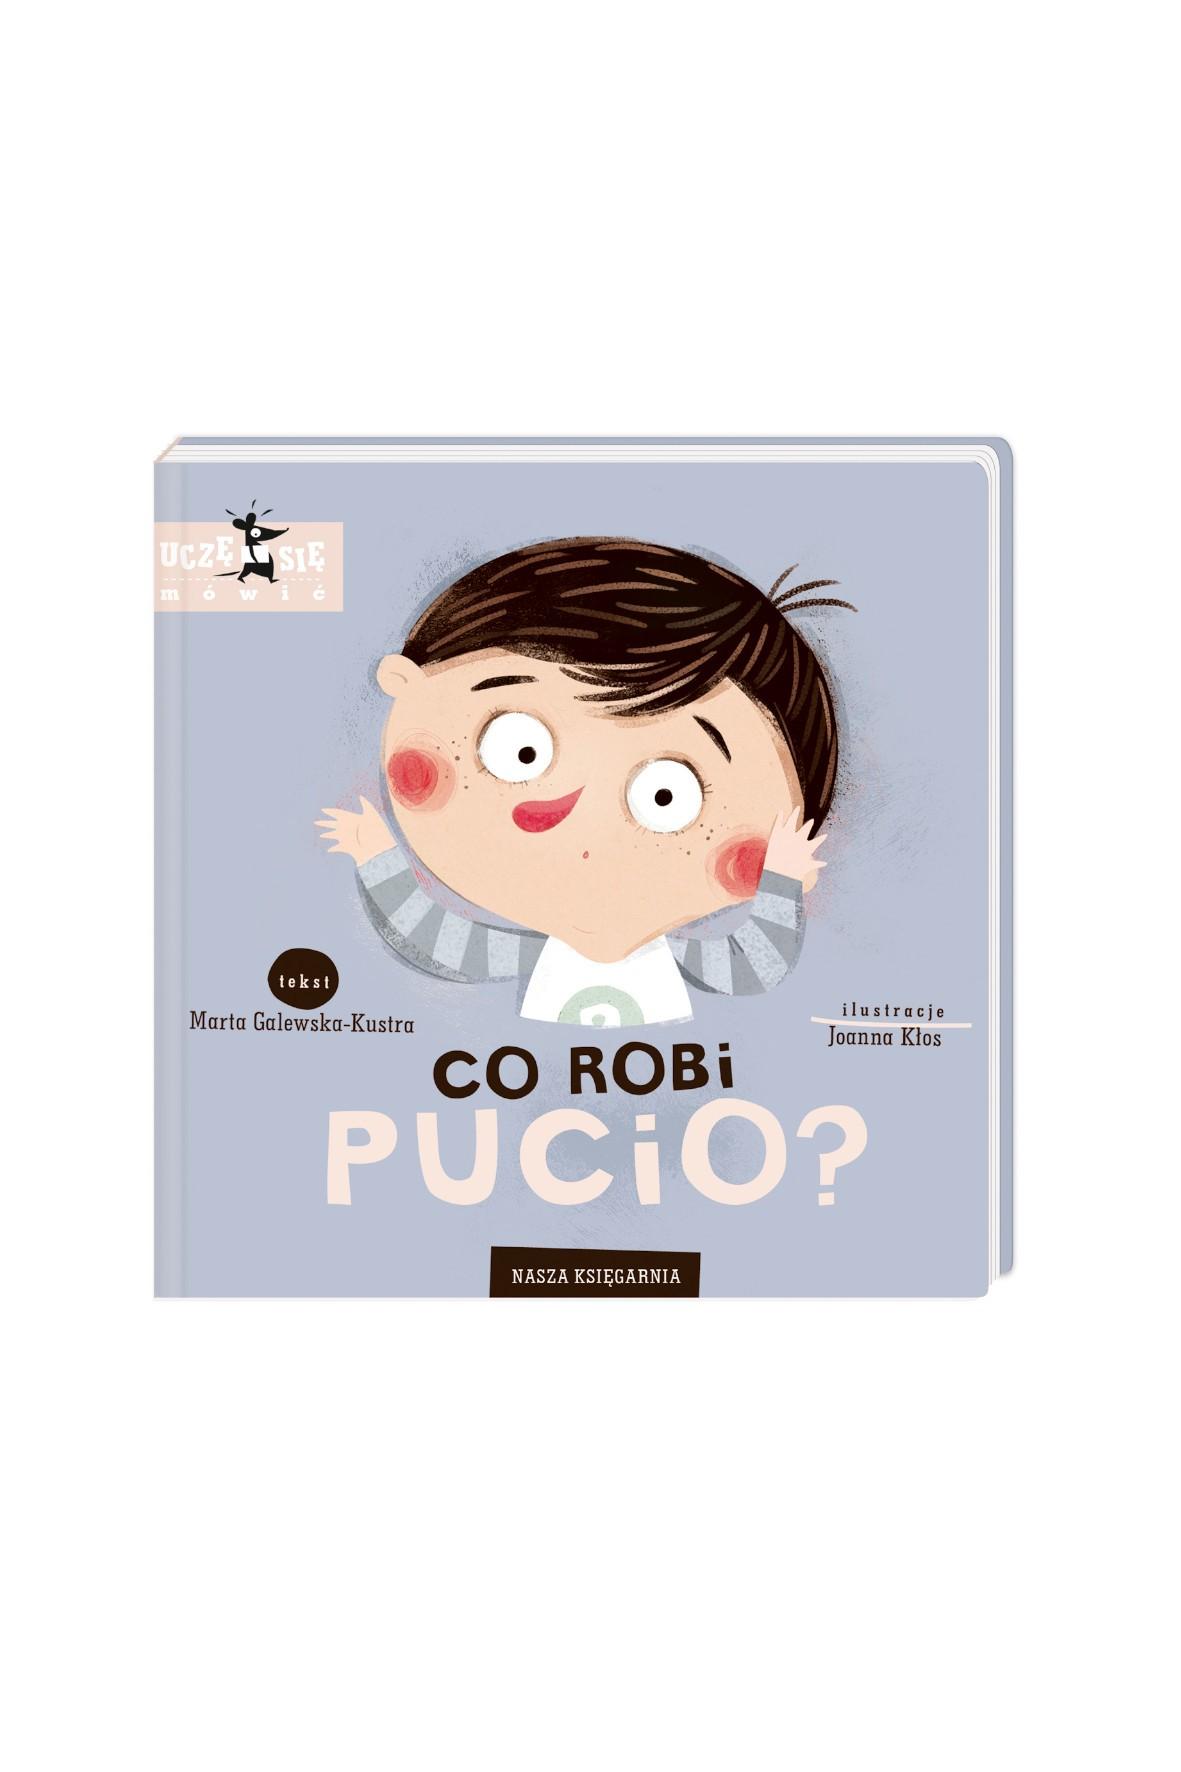 Co robi Pucio?- książeczka dla dzieci